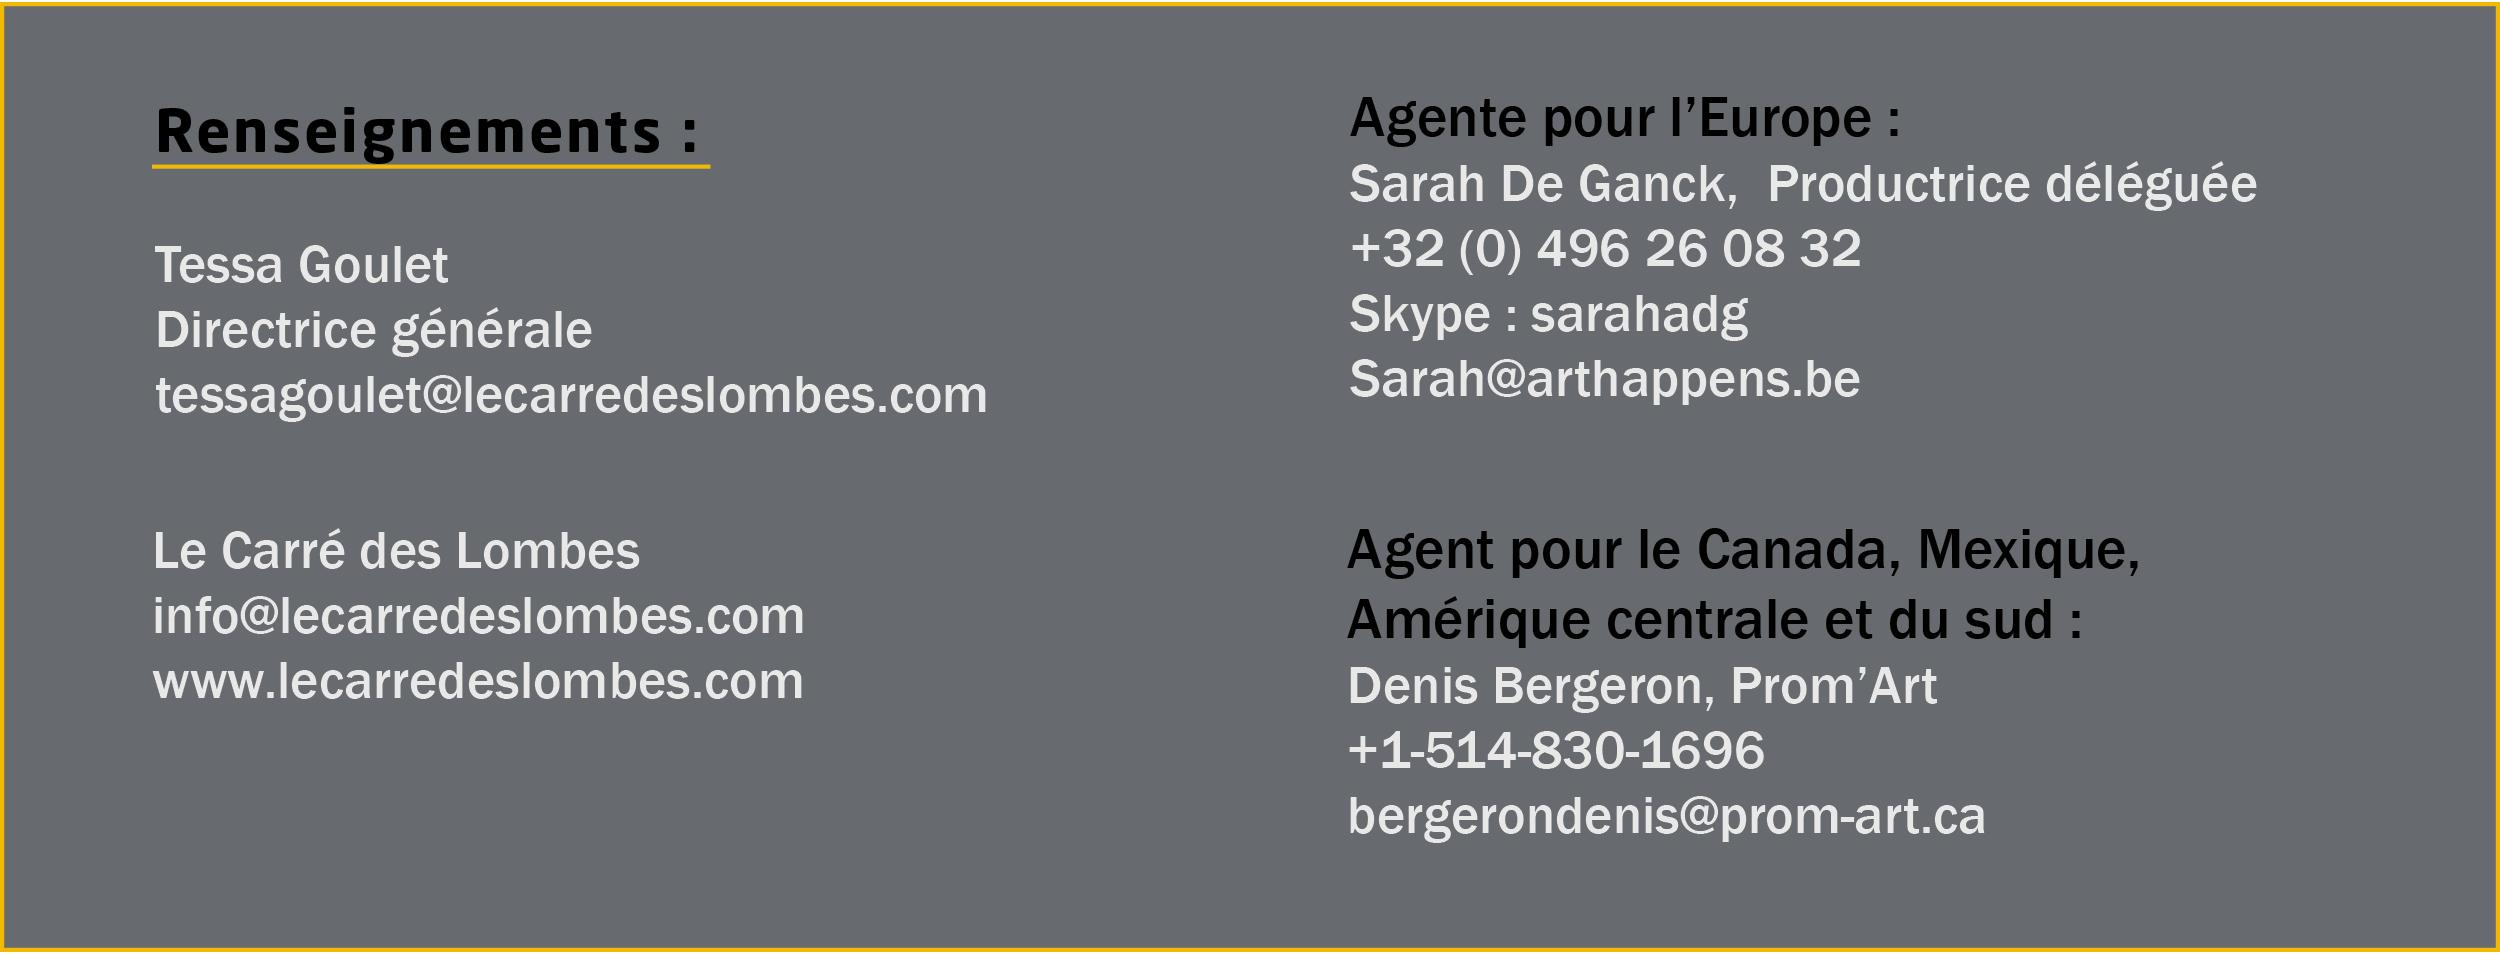 Contact Le Carré des Lombes